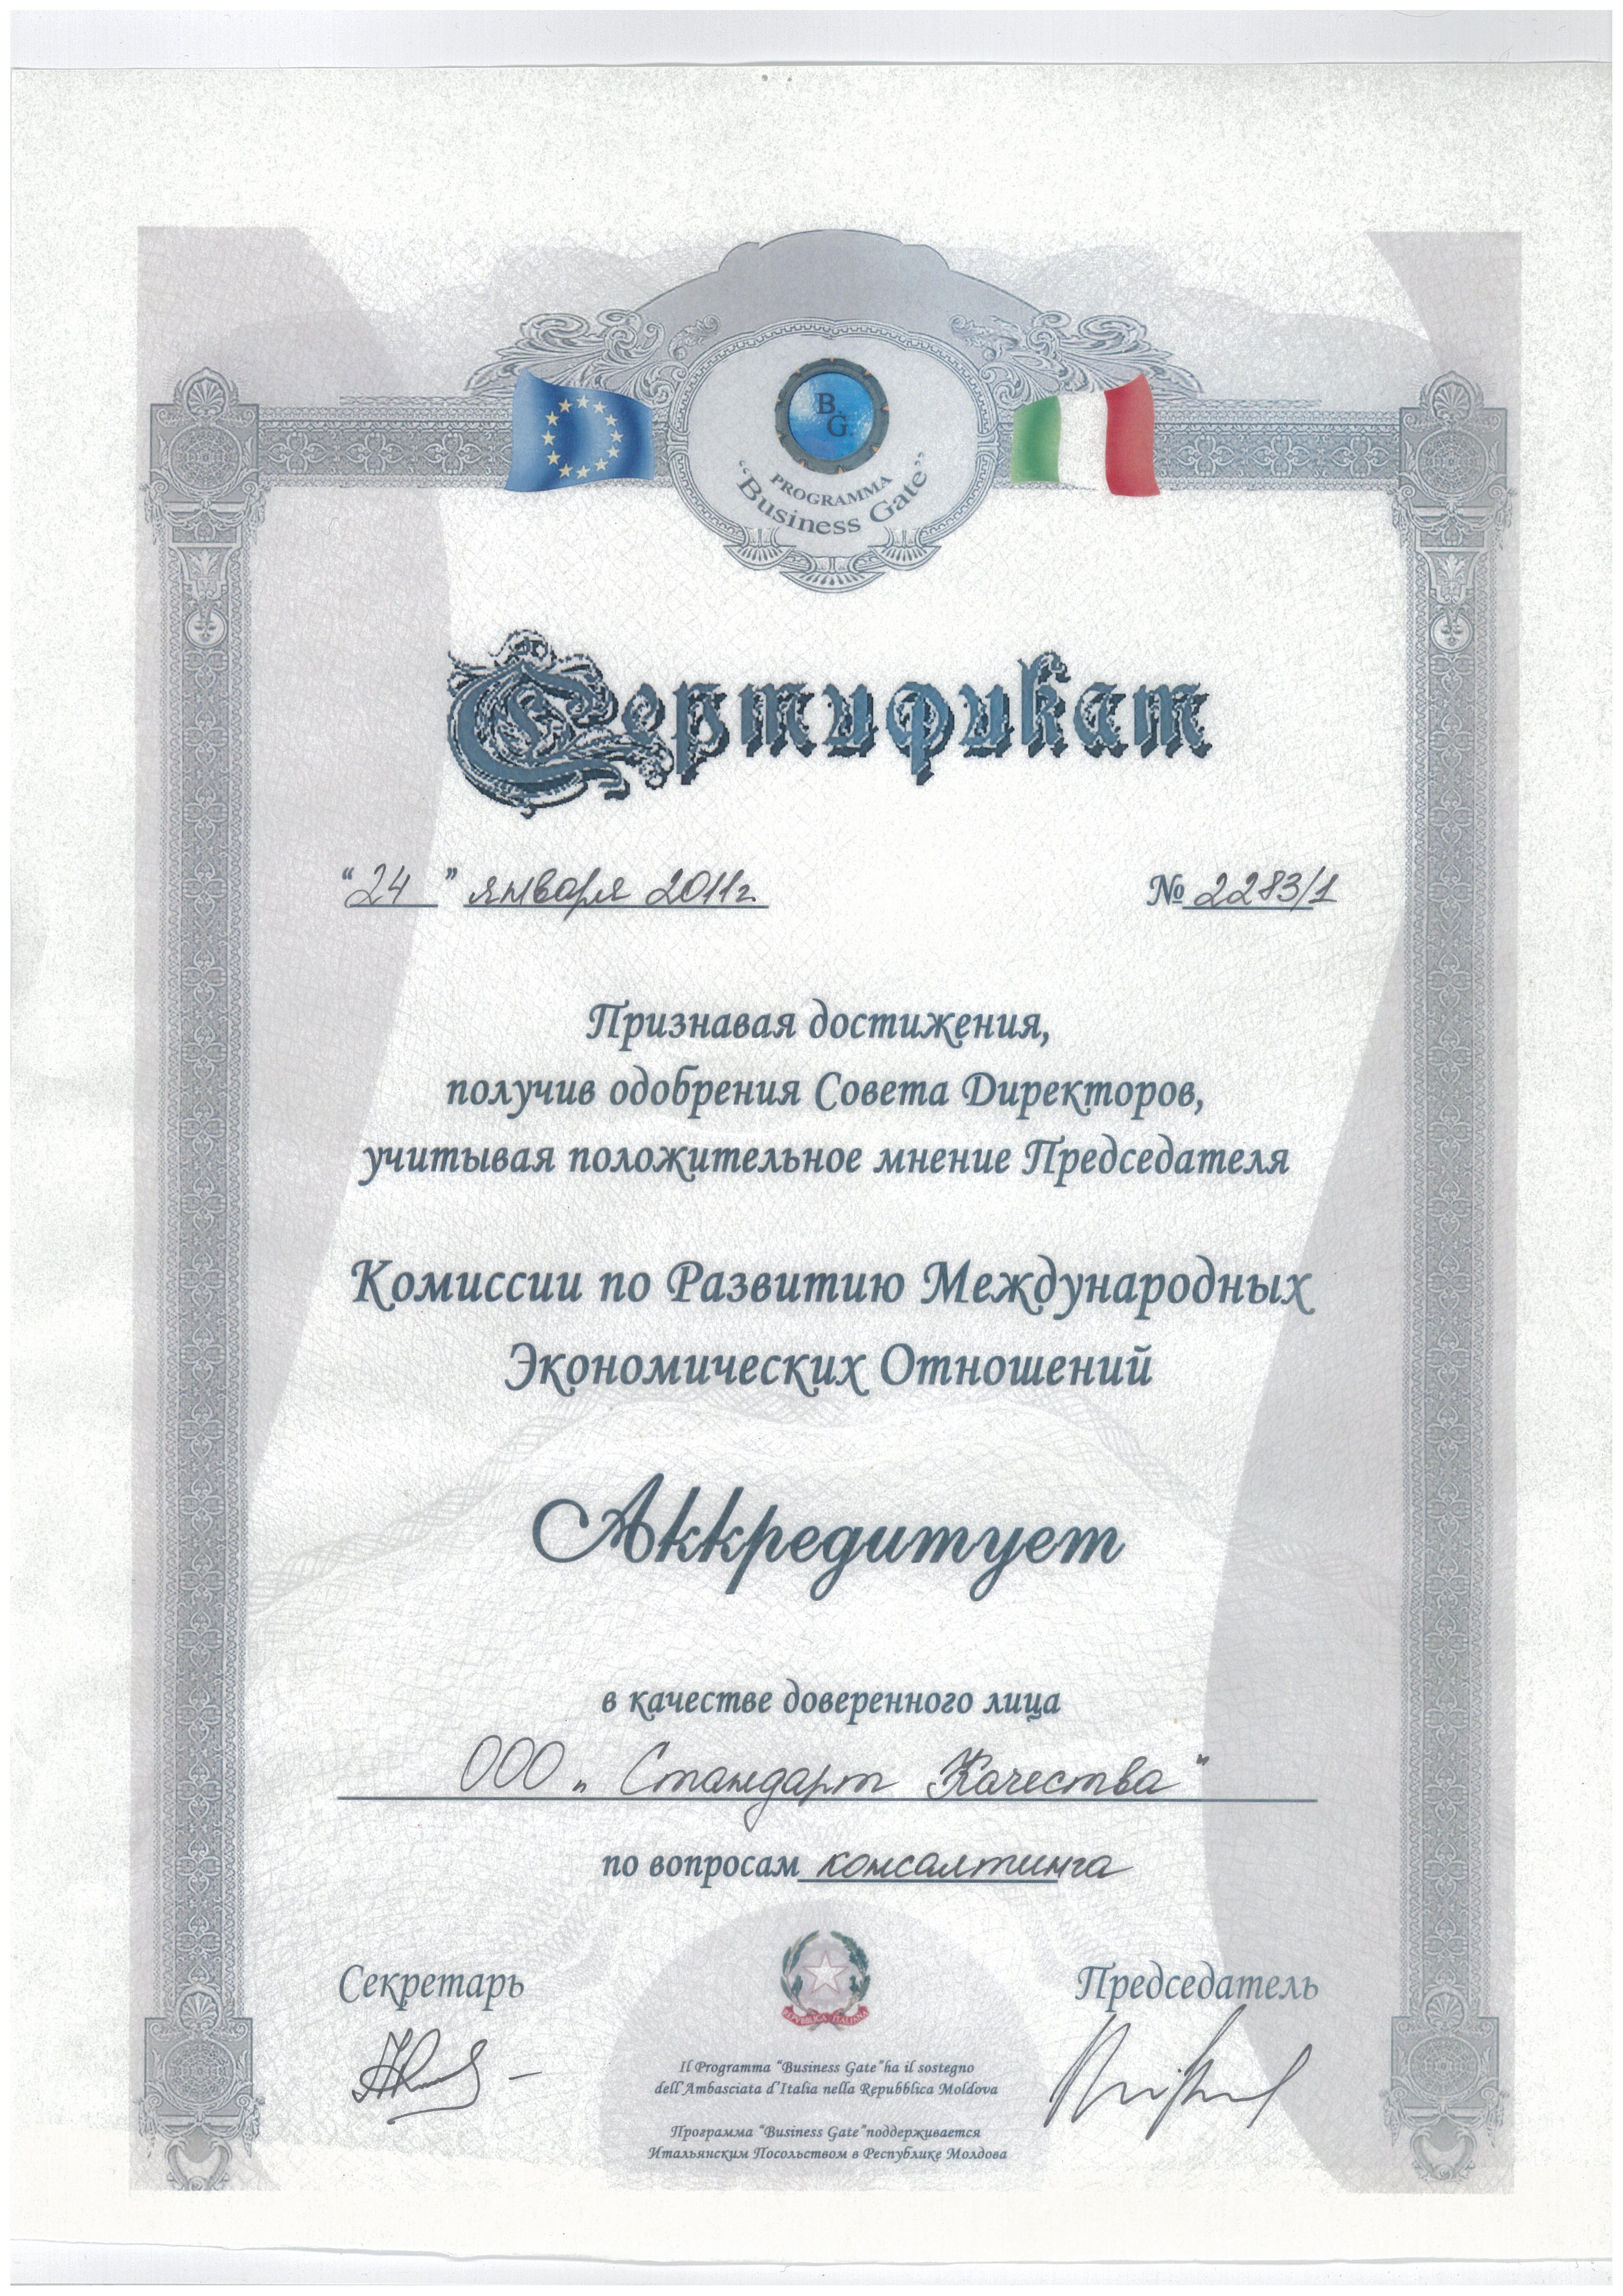 Сертификат доверенного лица по консалтингу